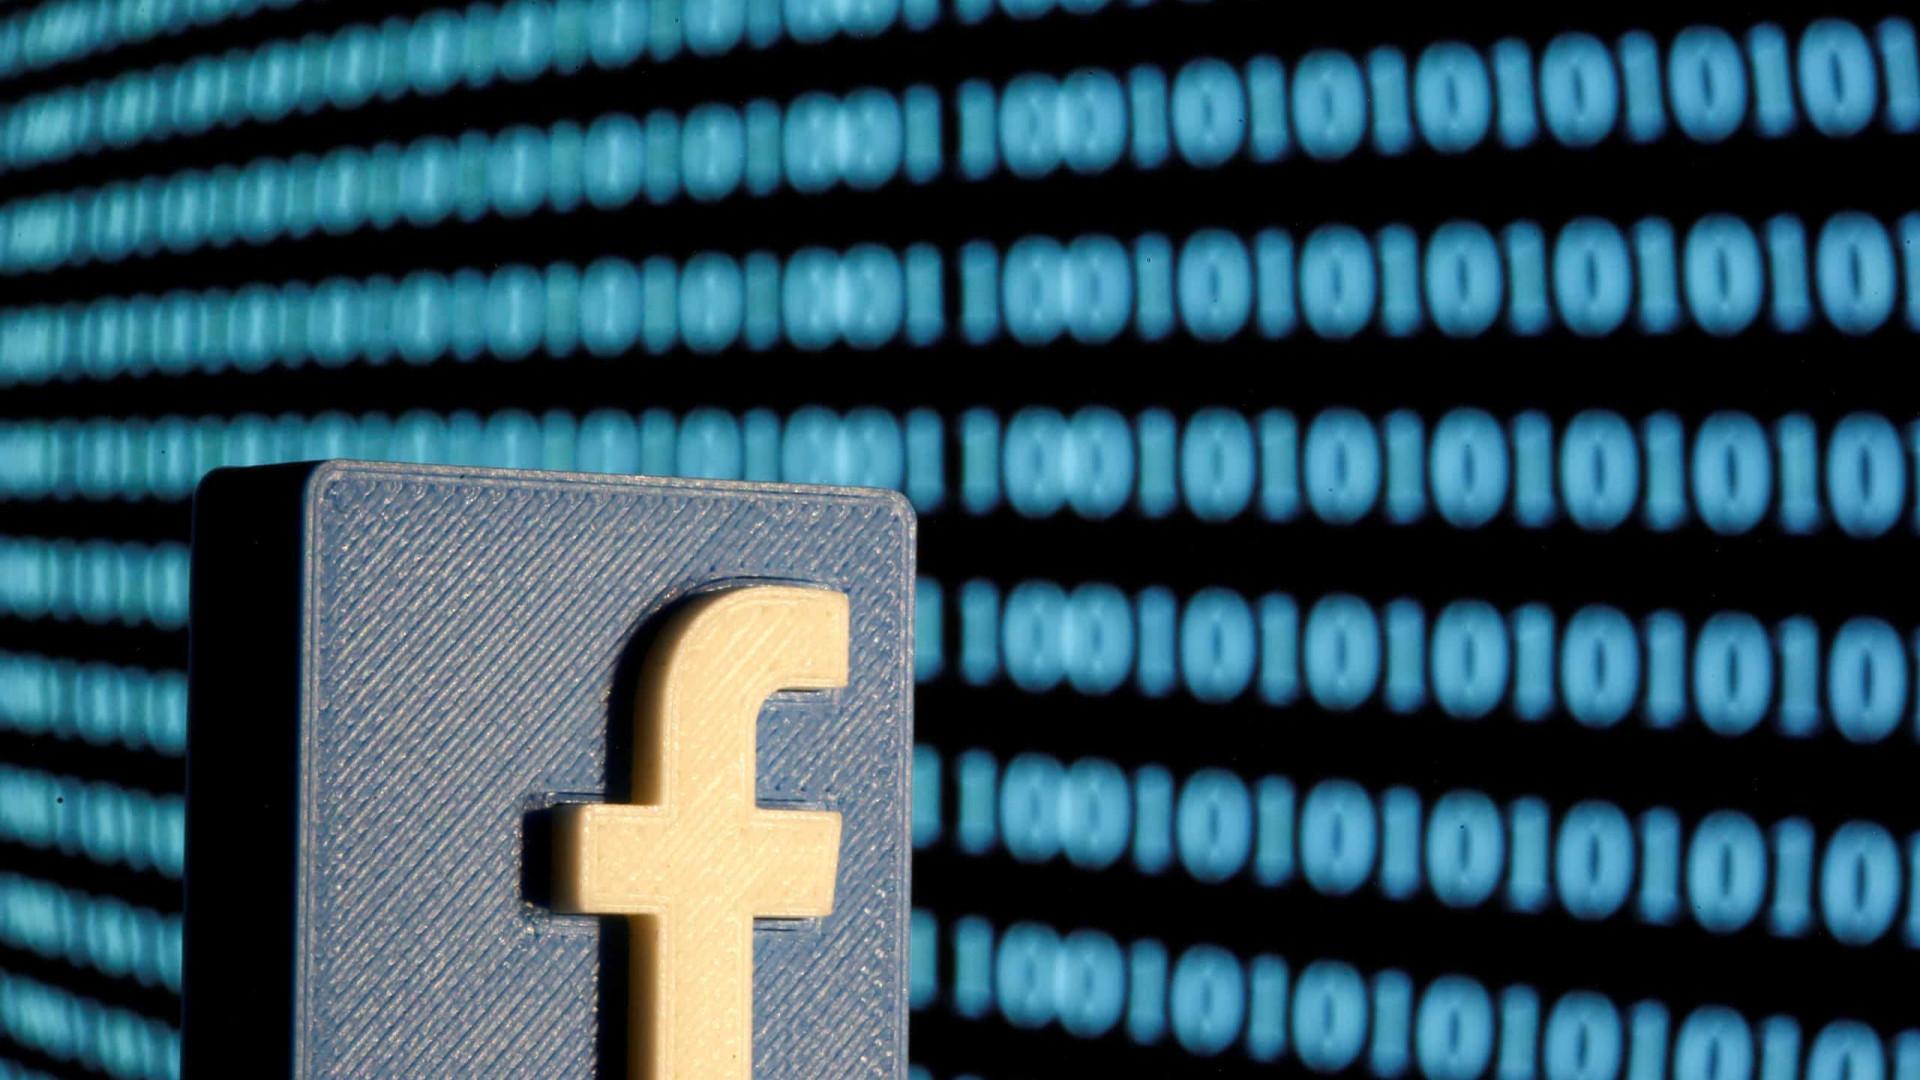 Covid-19: Facebook eliminou 7 milhões de publicações falsas